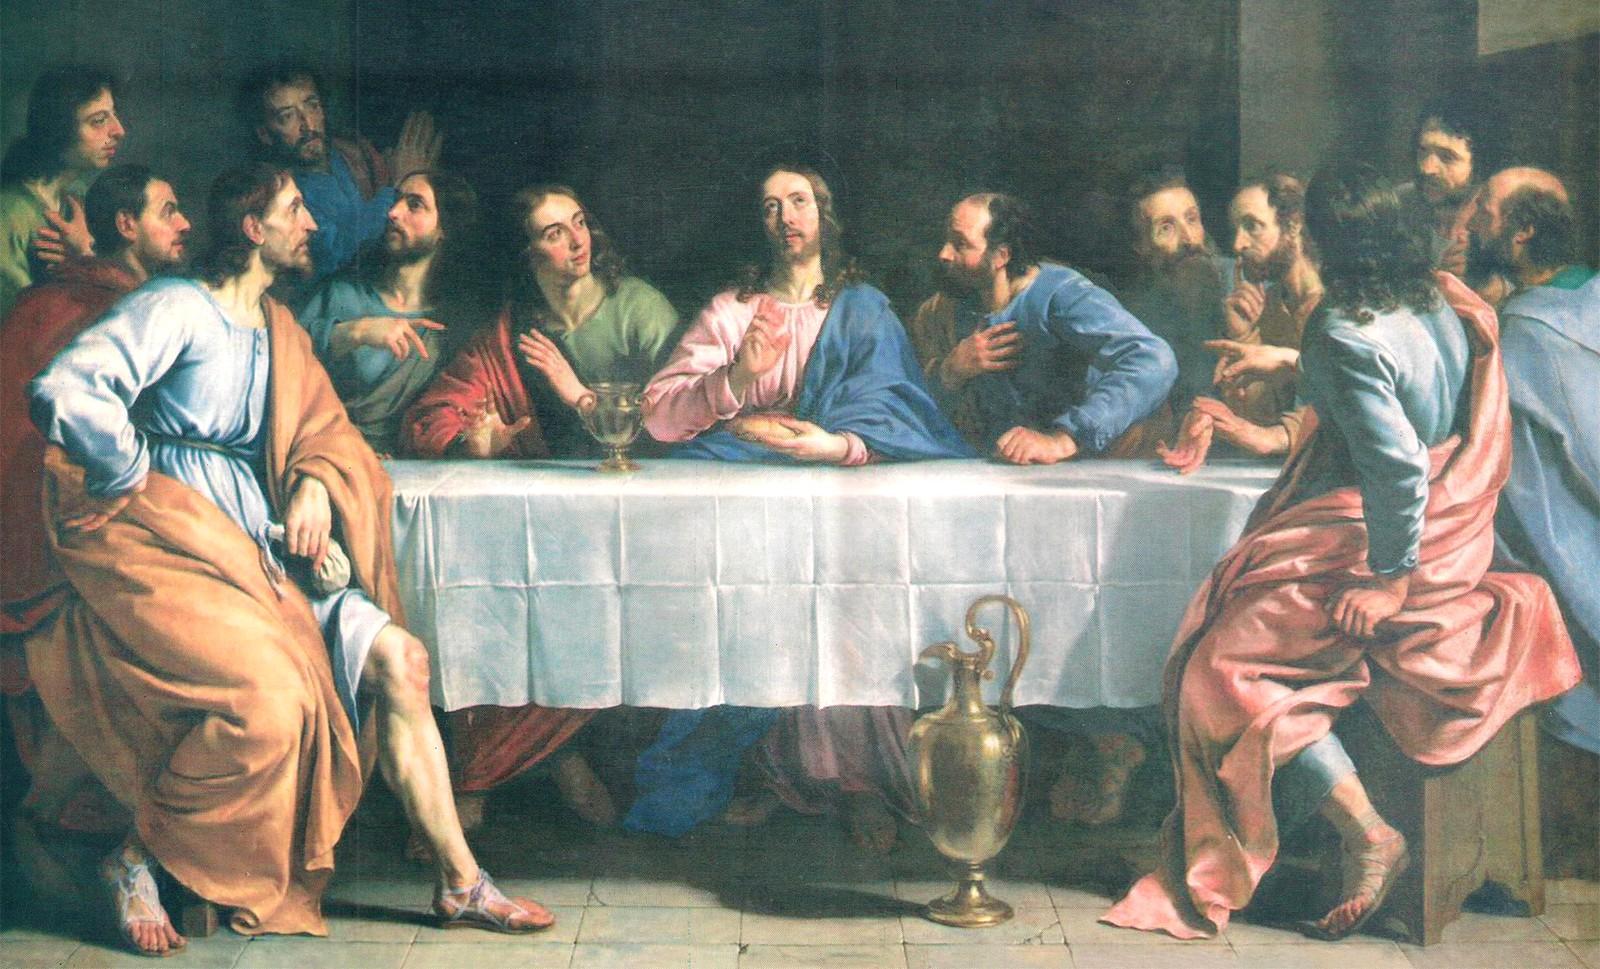 Cómo fue la Última Cena de Jesús con sus Discípulos